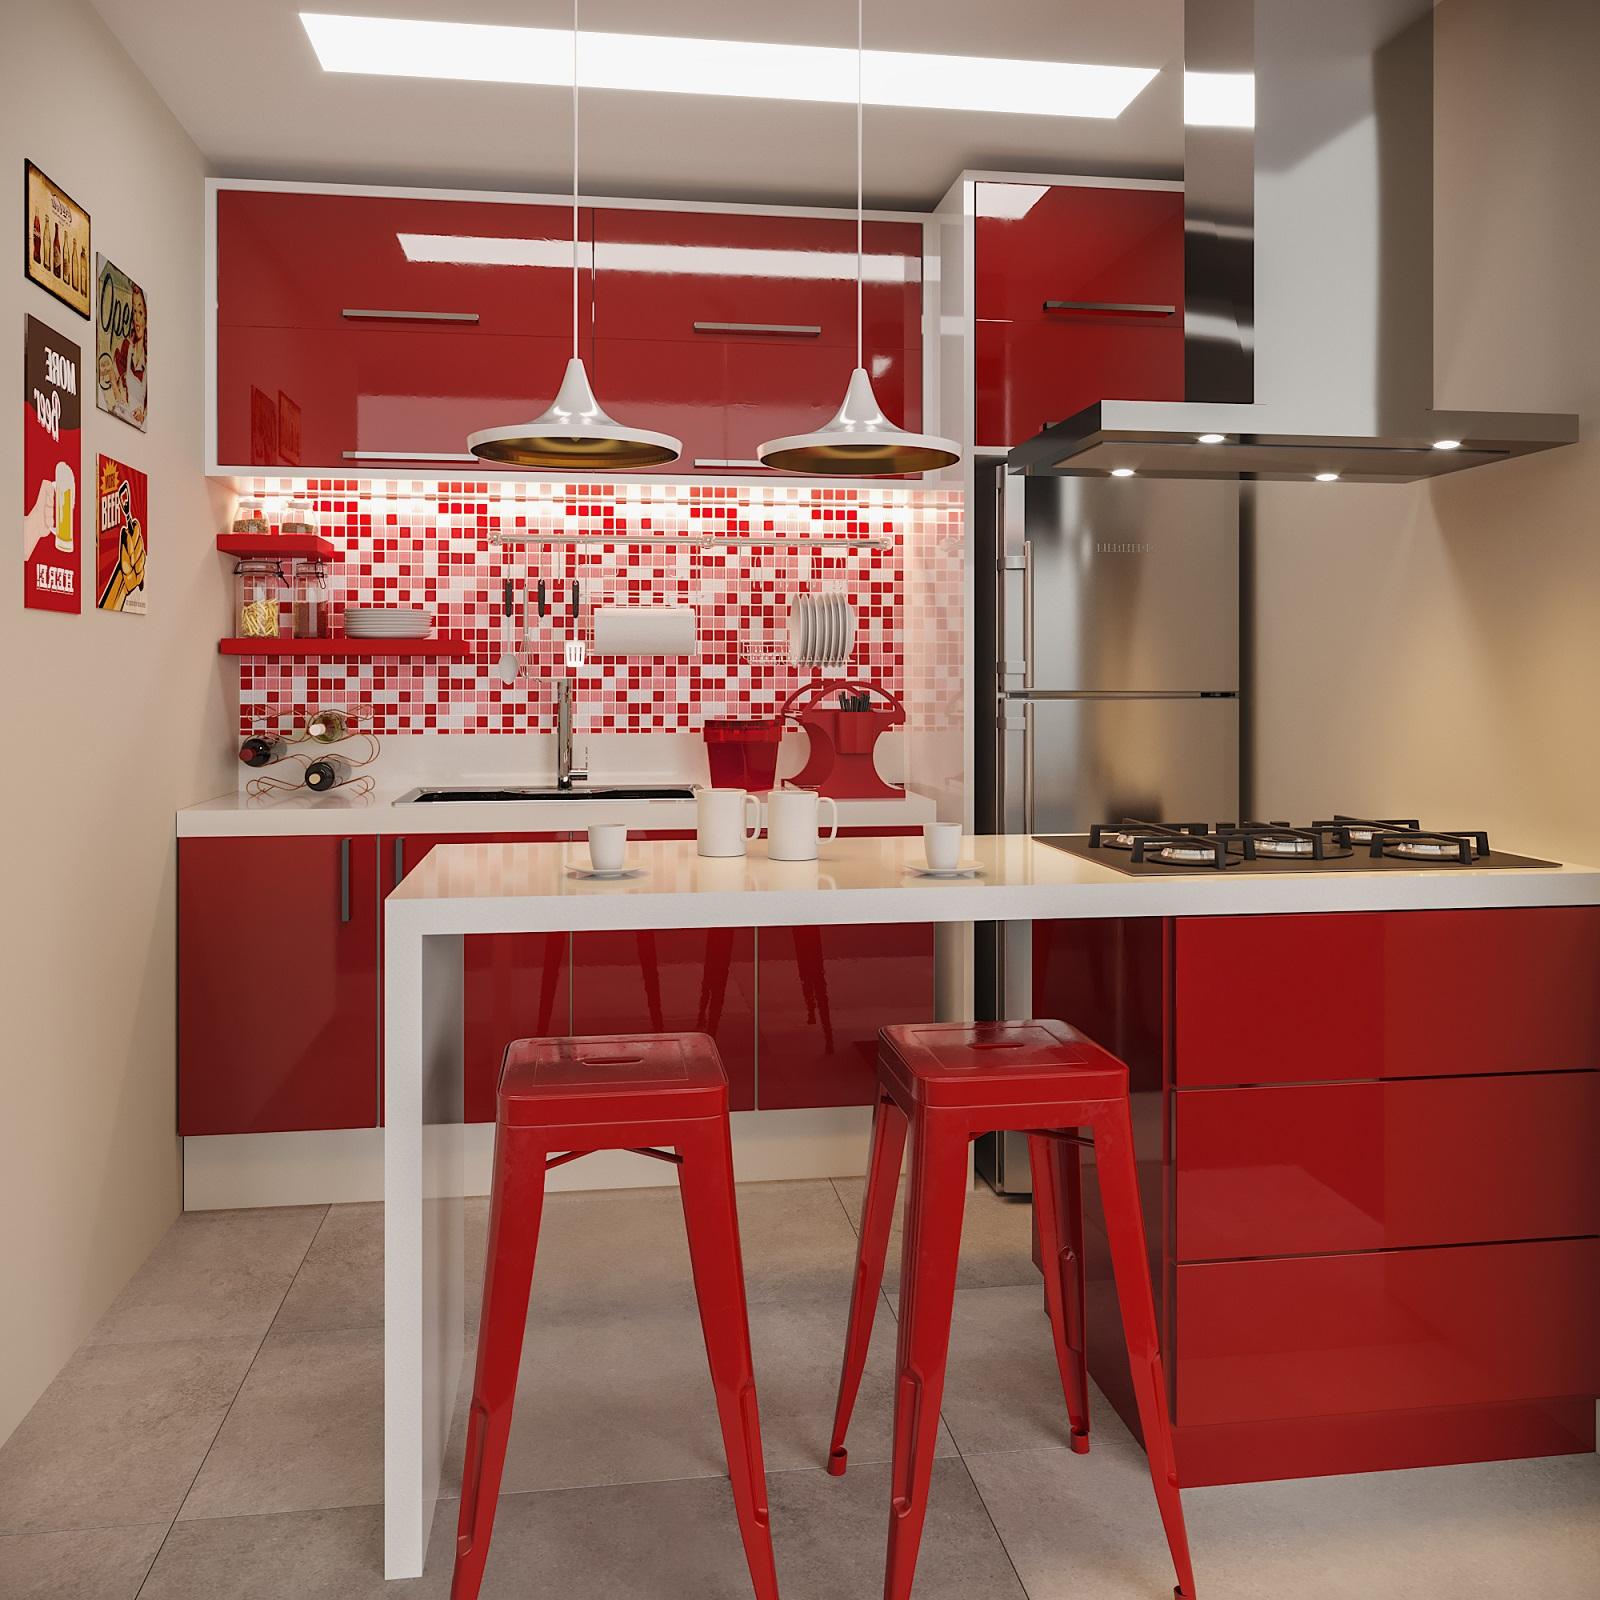 Cozinha Planejada Pequena Com Pastilhas Vermelhas Leroy Merlin